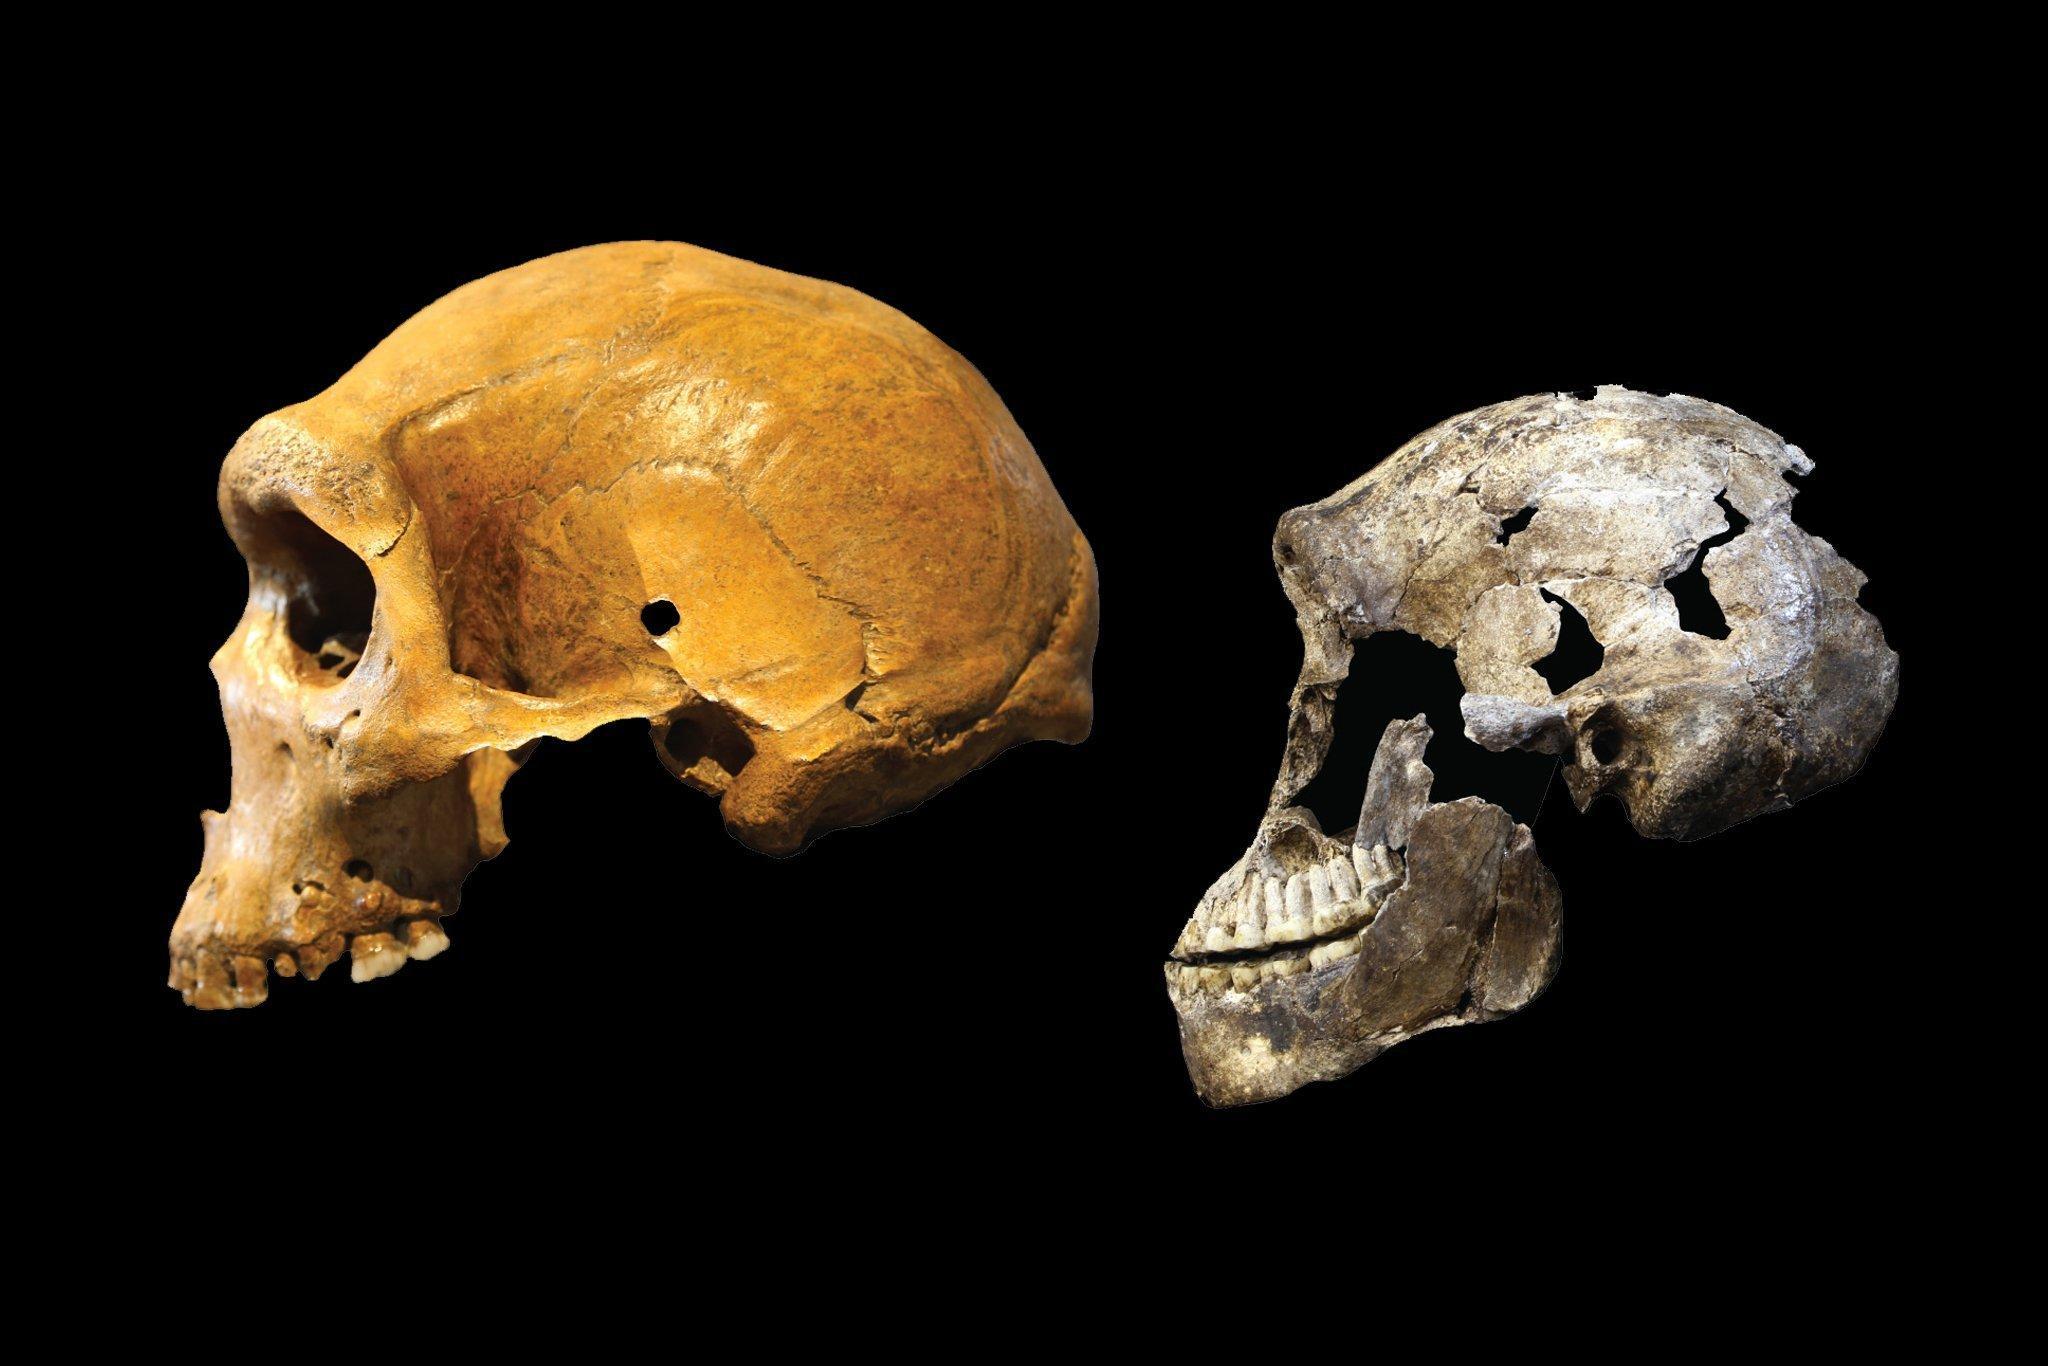 Zu sehen sind die seitlichen Ansichten eines Schädels von Homo naledi und eines Schädels von Homo heidelbergensis. Beide Menschenarten lebten zur gleichen Zeit in Afrika und sind doch sehr unterschiedlich: Der Schädel von Homo naledi ist kleiner und wirkt primitiver. Das Hirnvolumen von Homo heidelbergensis ist dagegen schon fast so groß wie das vom Homo sapiens, dessen Vorgänger er vermutlich ist.